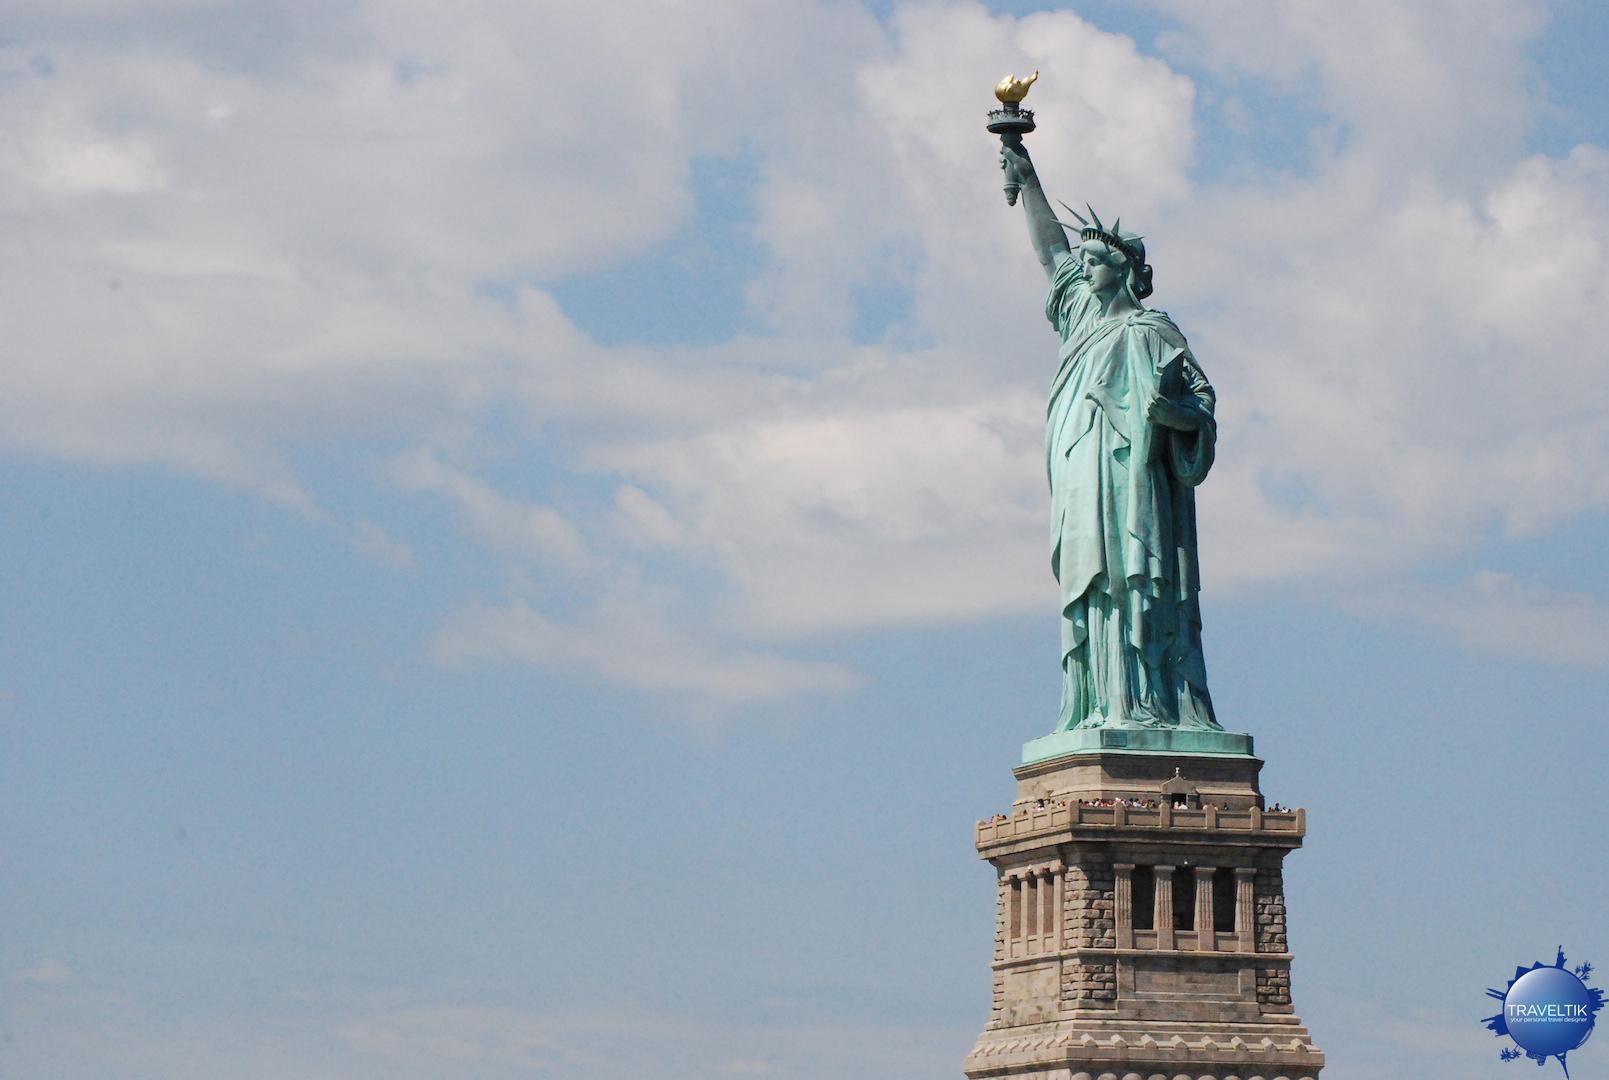 Cosa vedere a New York: Statua della Libertà